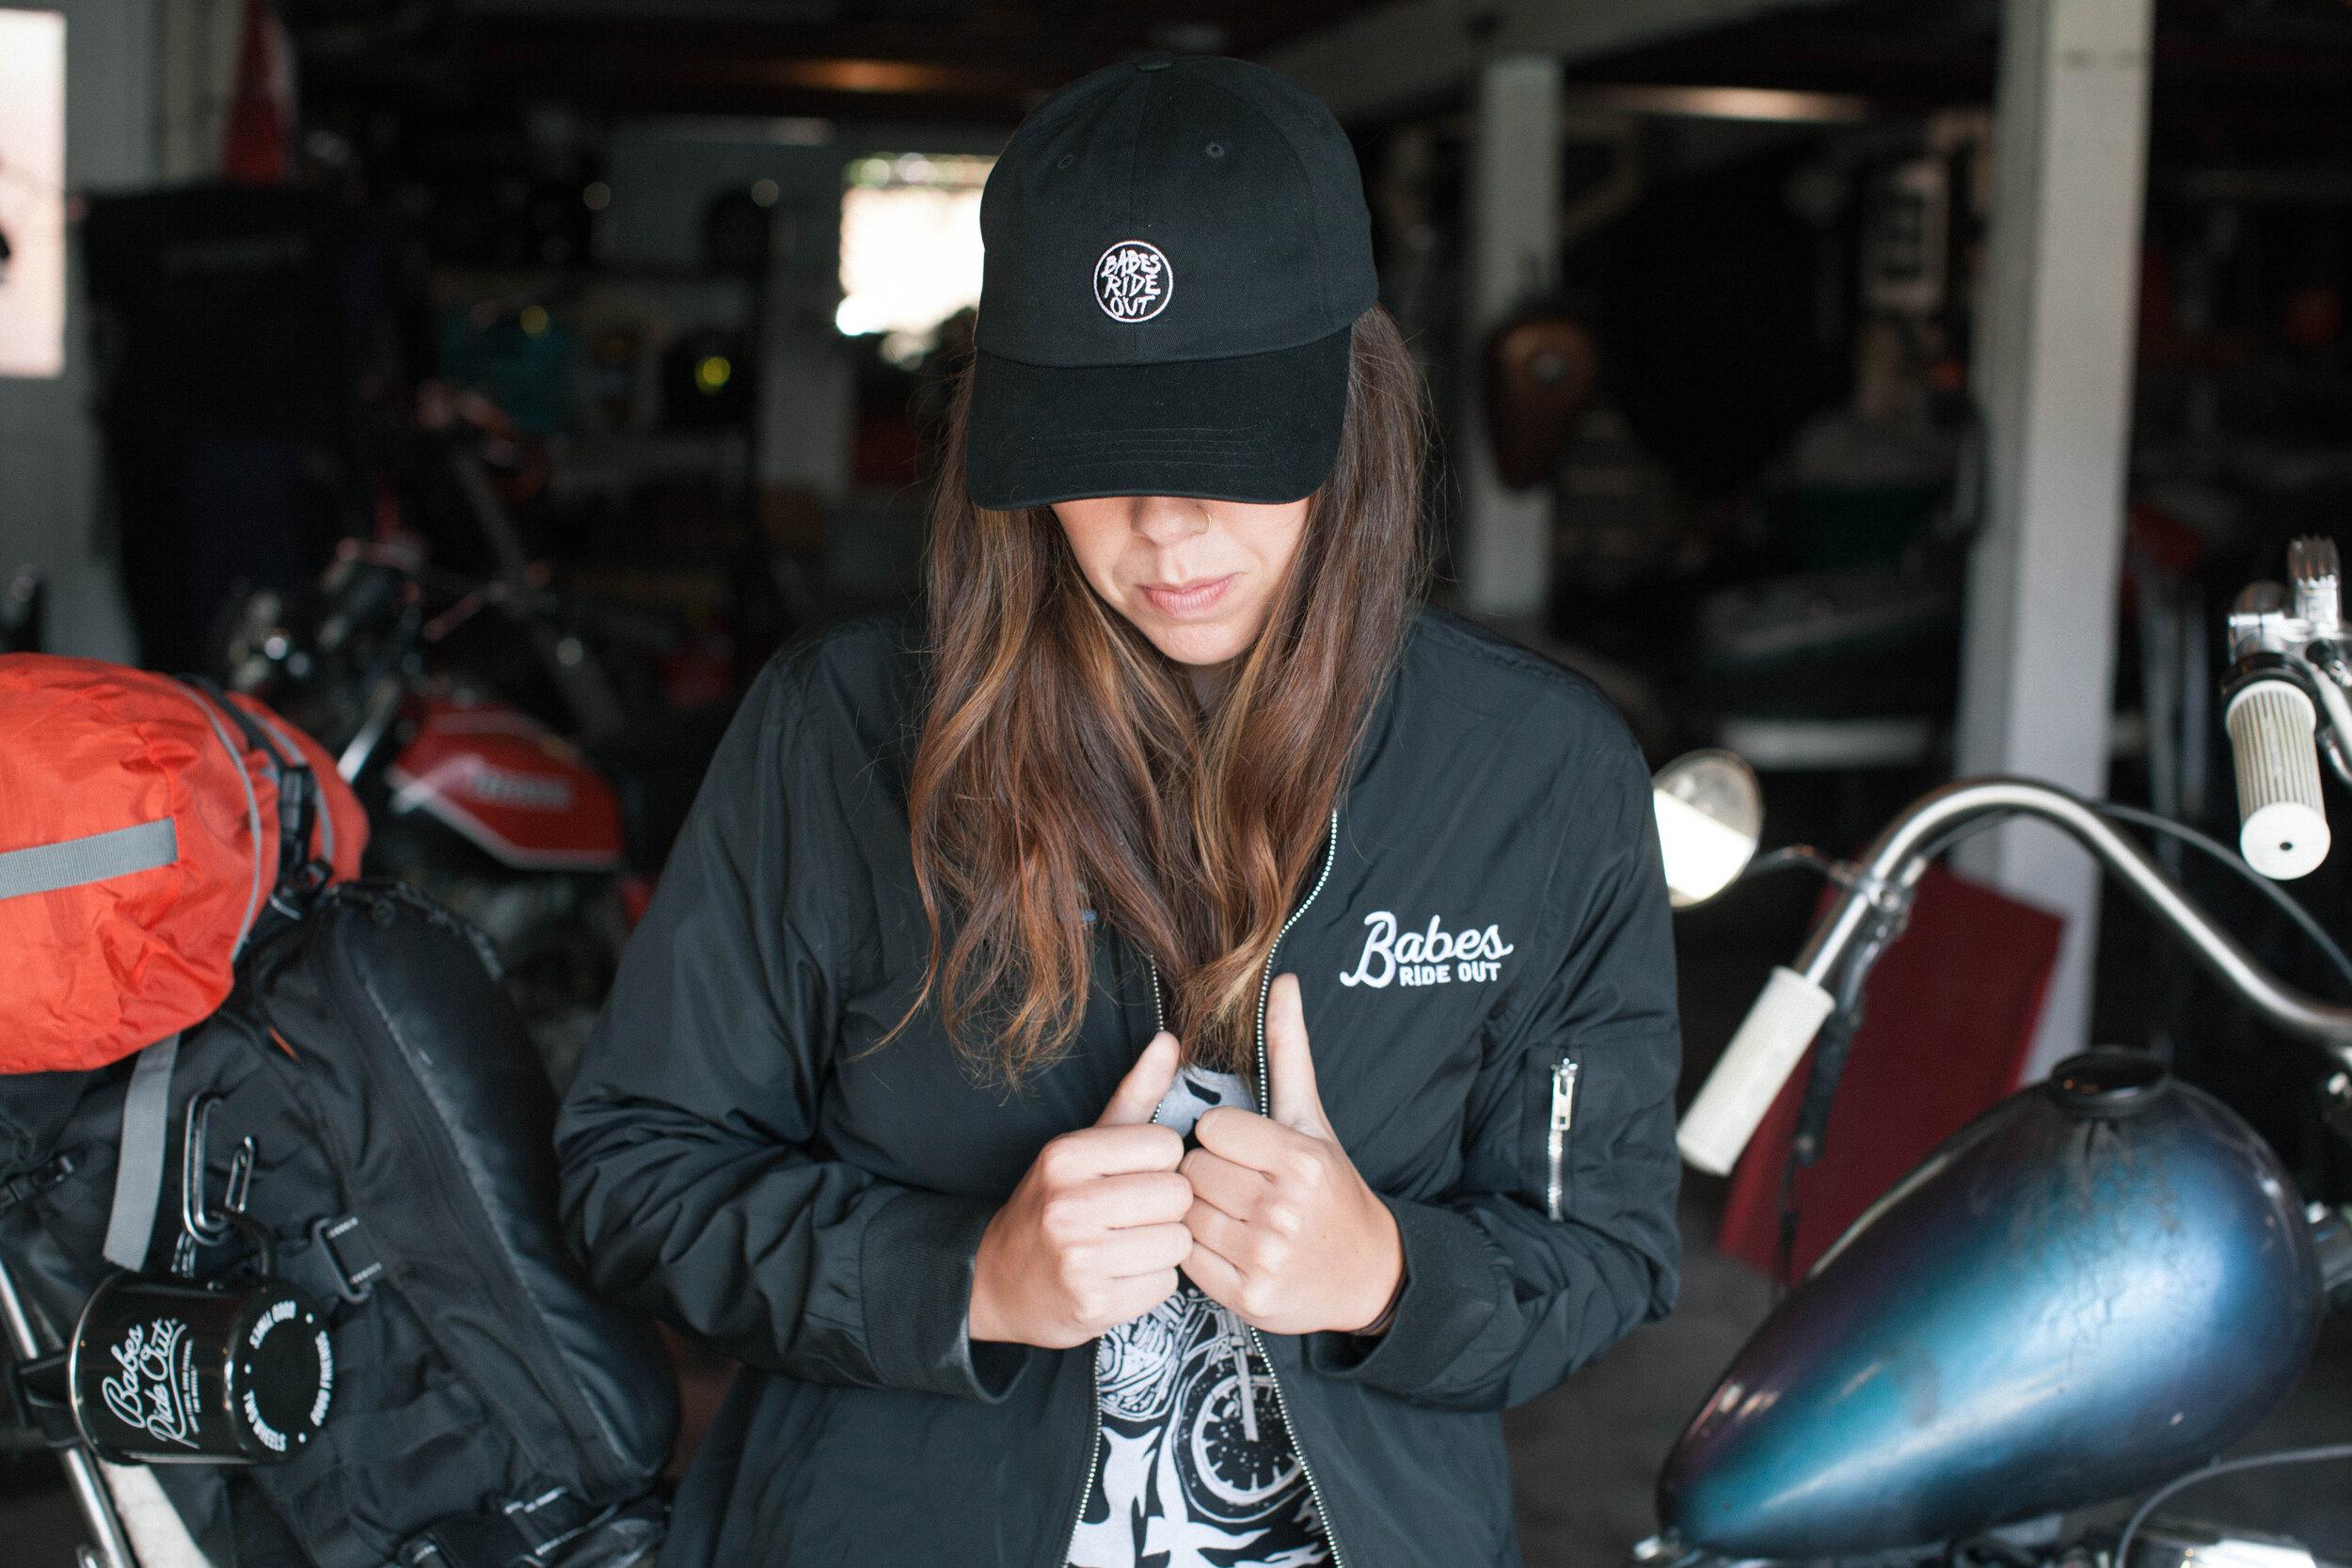 Babes_Ride_Out_Merch_0052.jpg